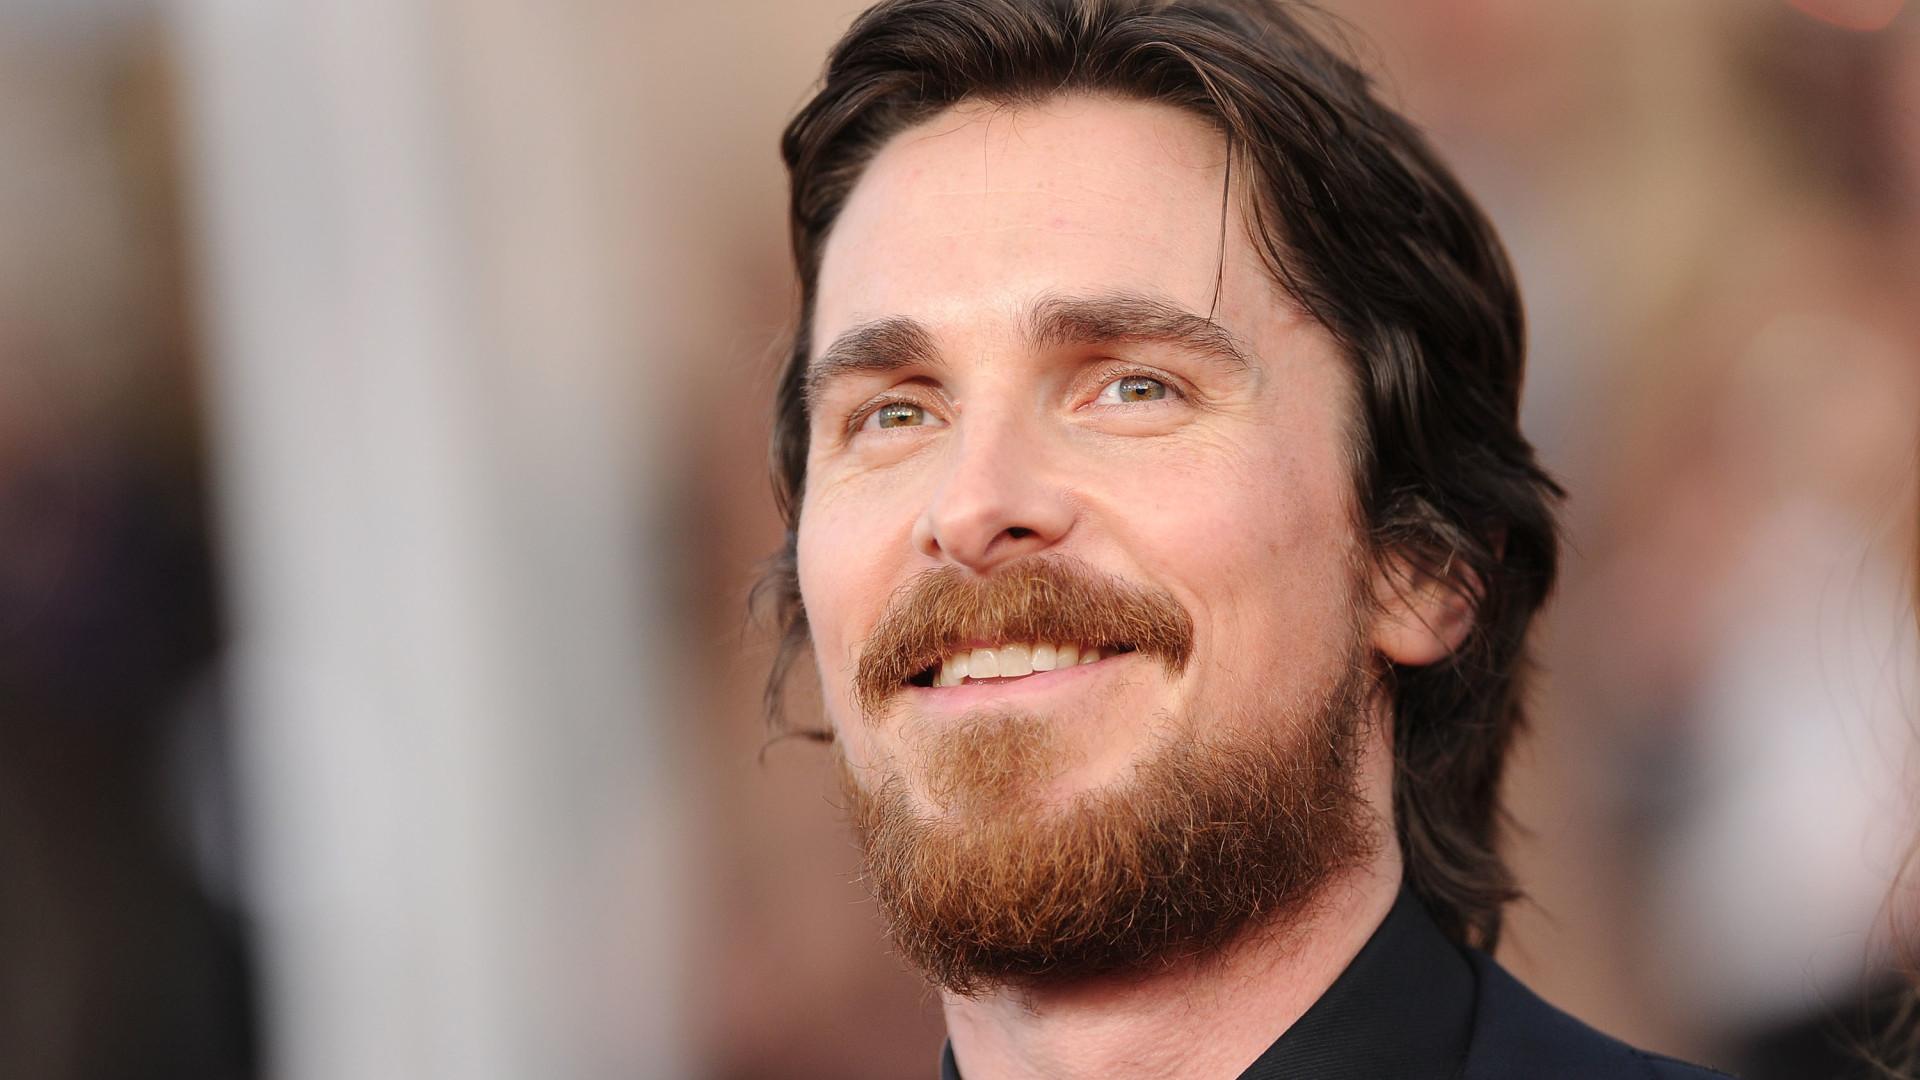 Christian Bale diz que sua mulher prefere seus personagens a ele